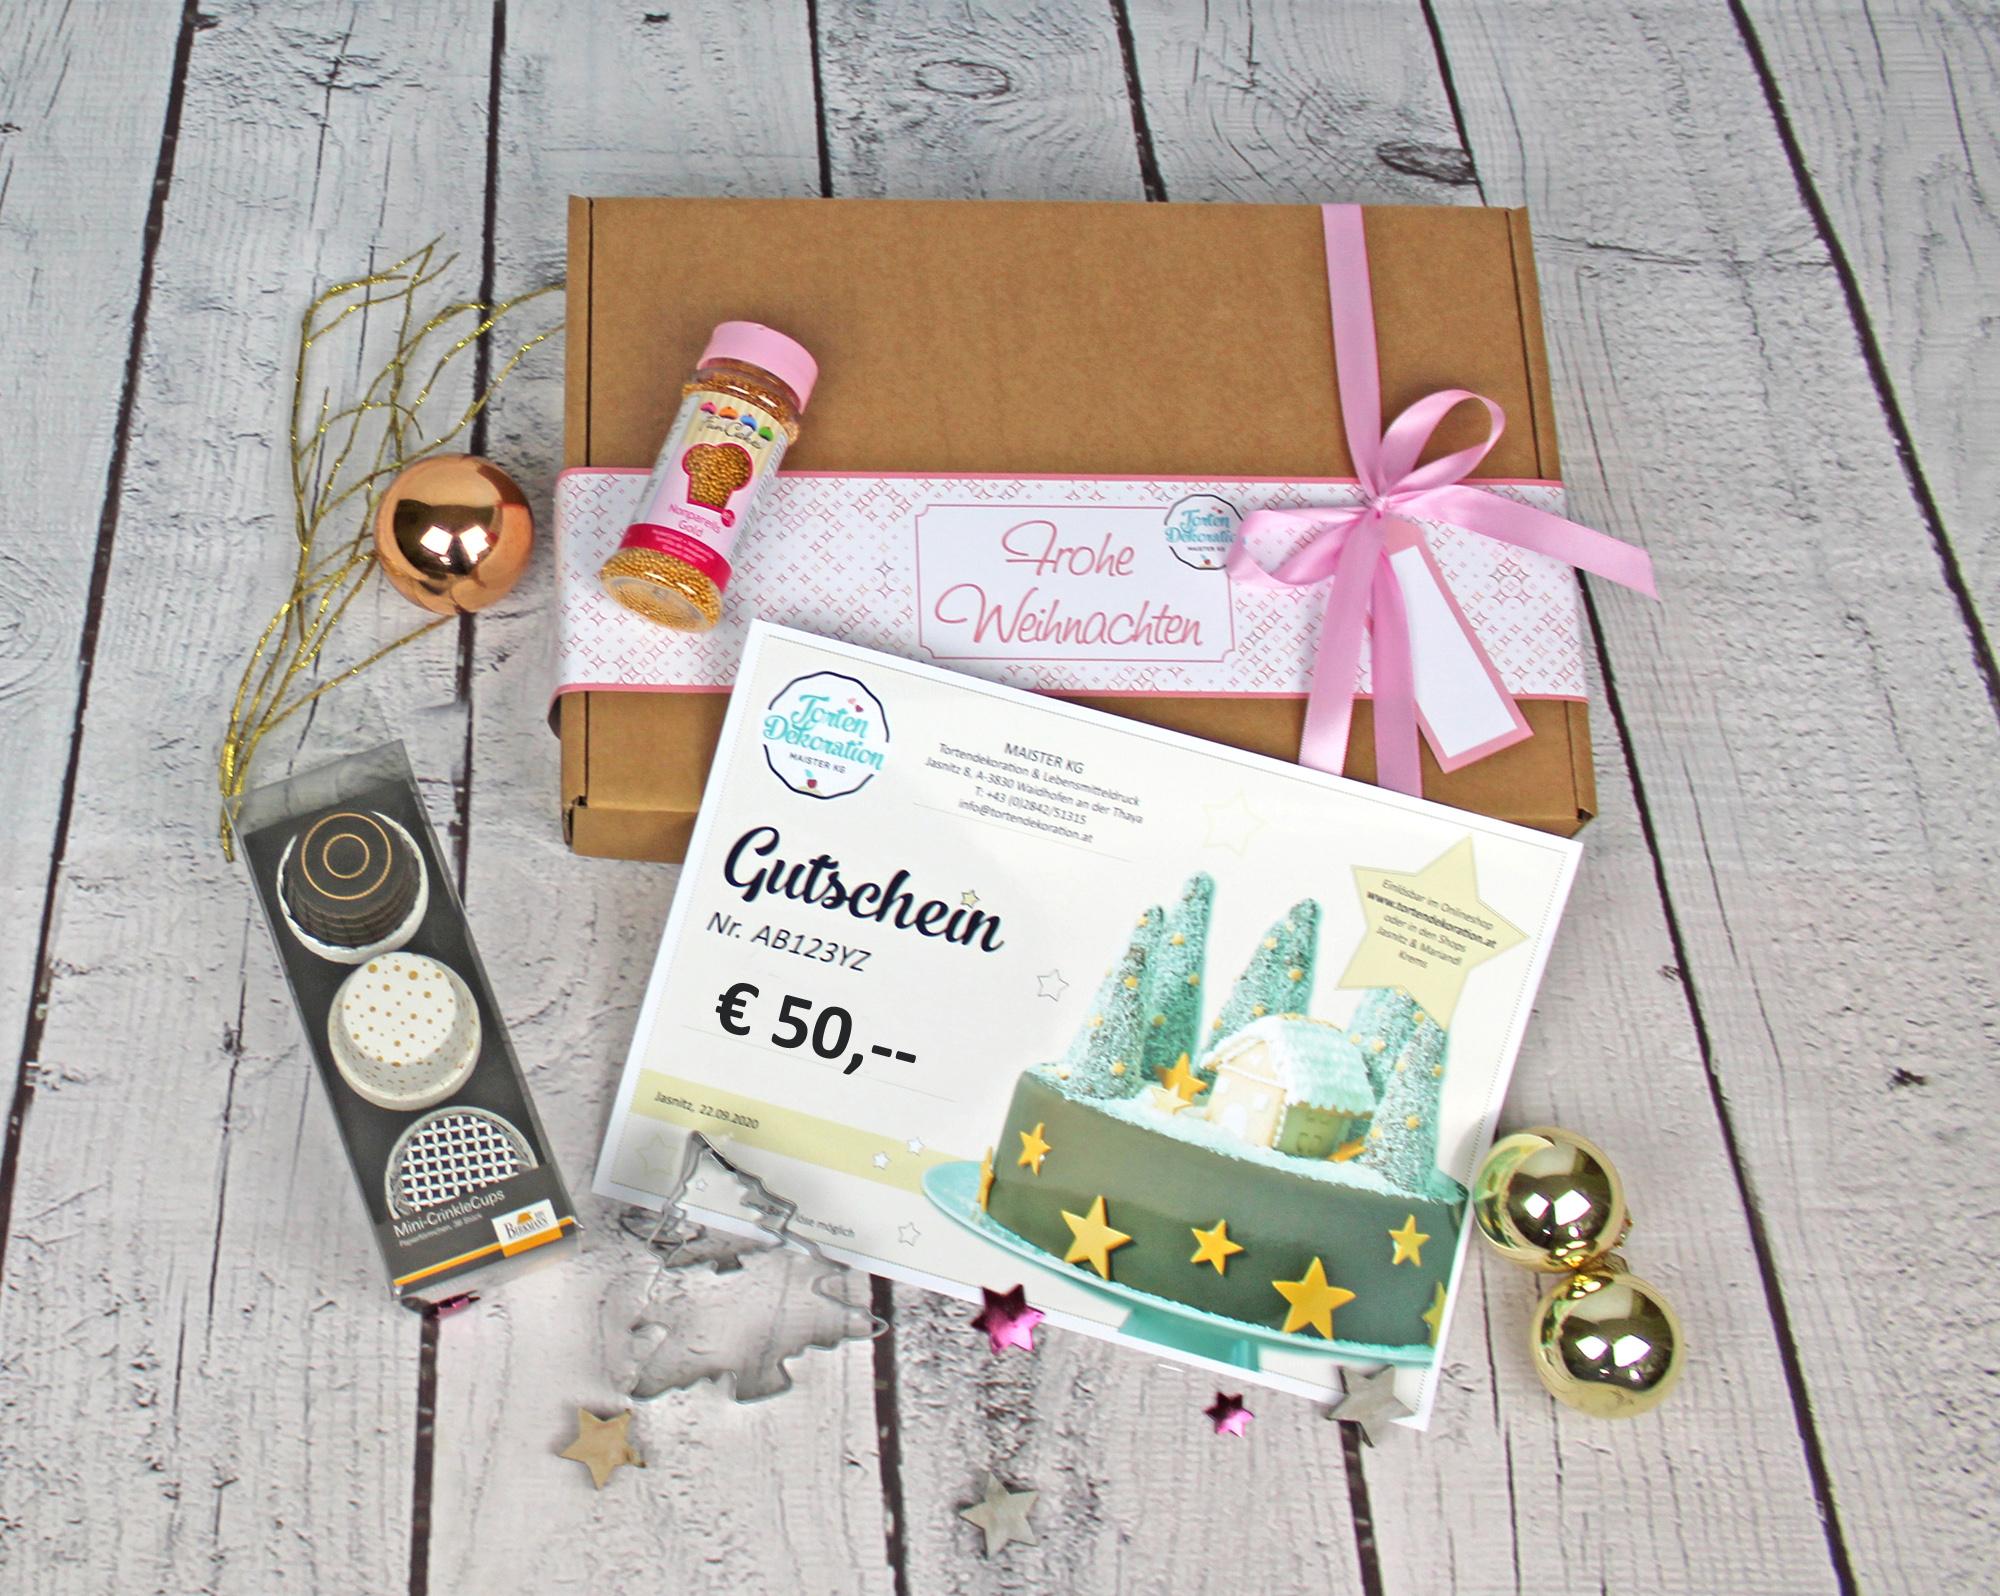 Gutscheinbox Weihnachten 50 Euro